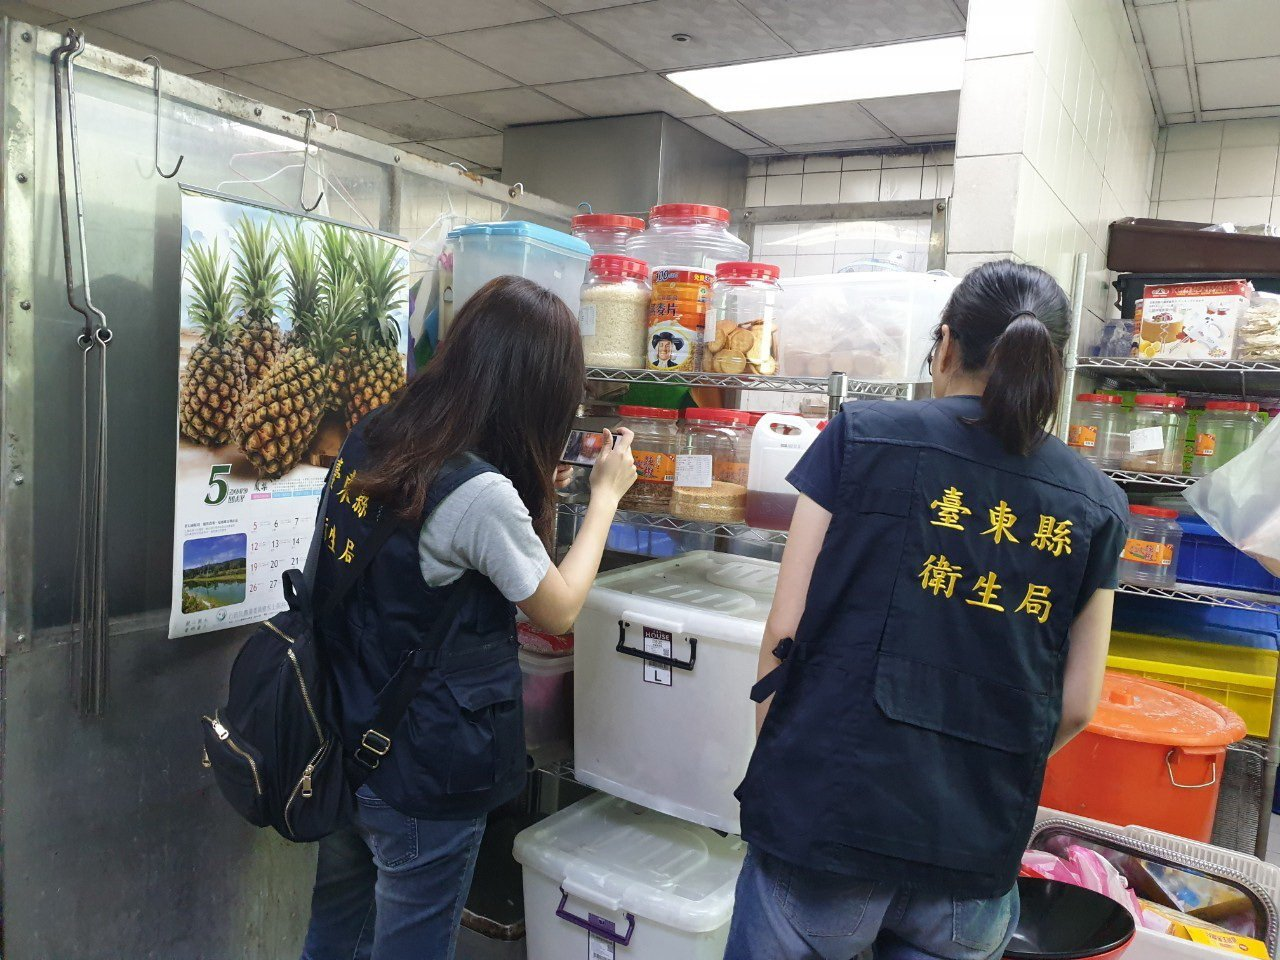 台東縣衛生局稽查人員前往16鄉鎮市,進行年節食品抽驗。圖/台東縣衛生局提供